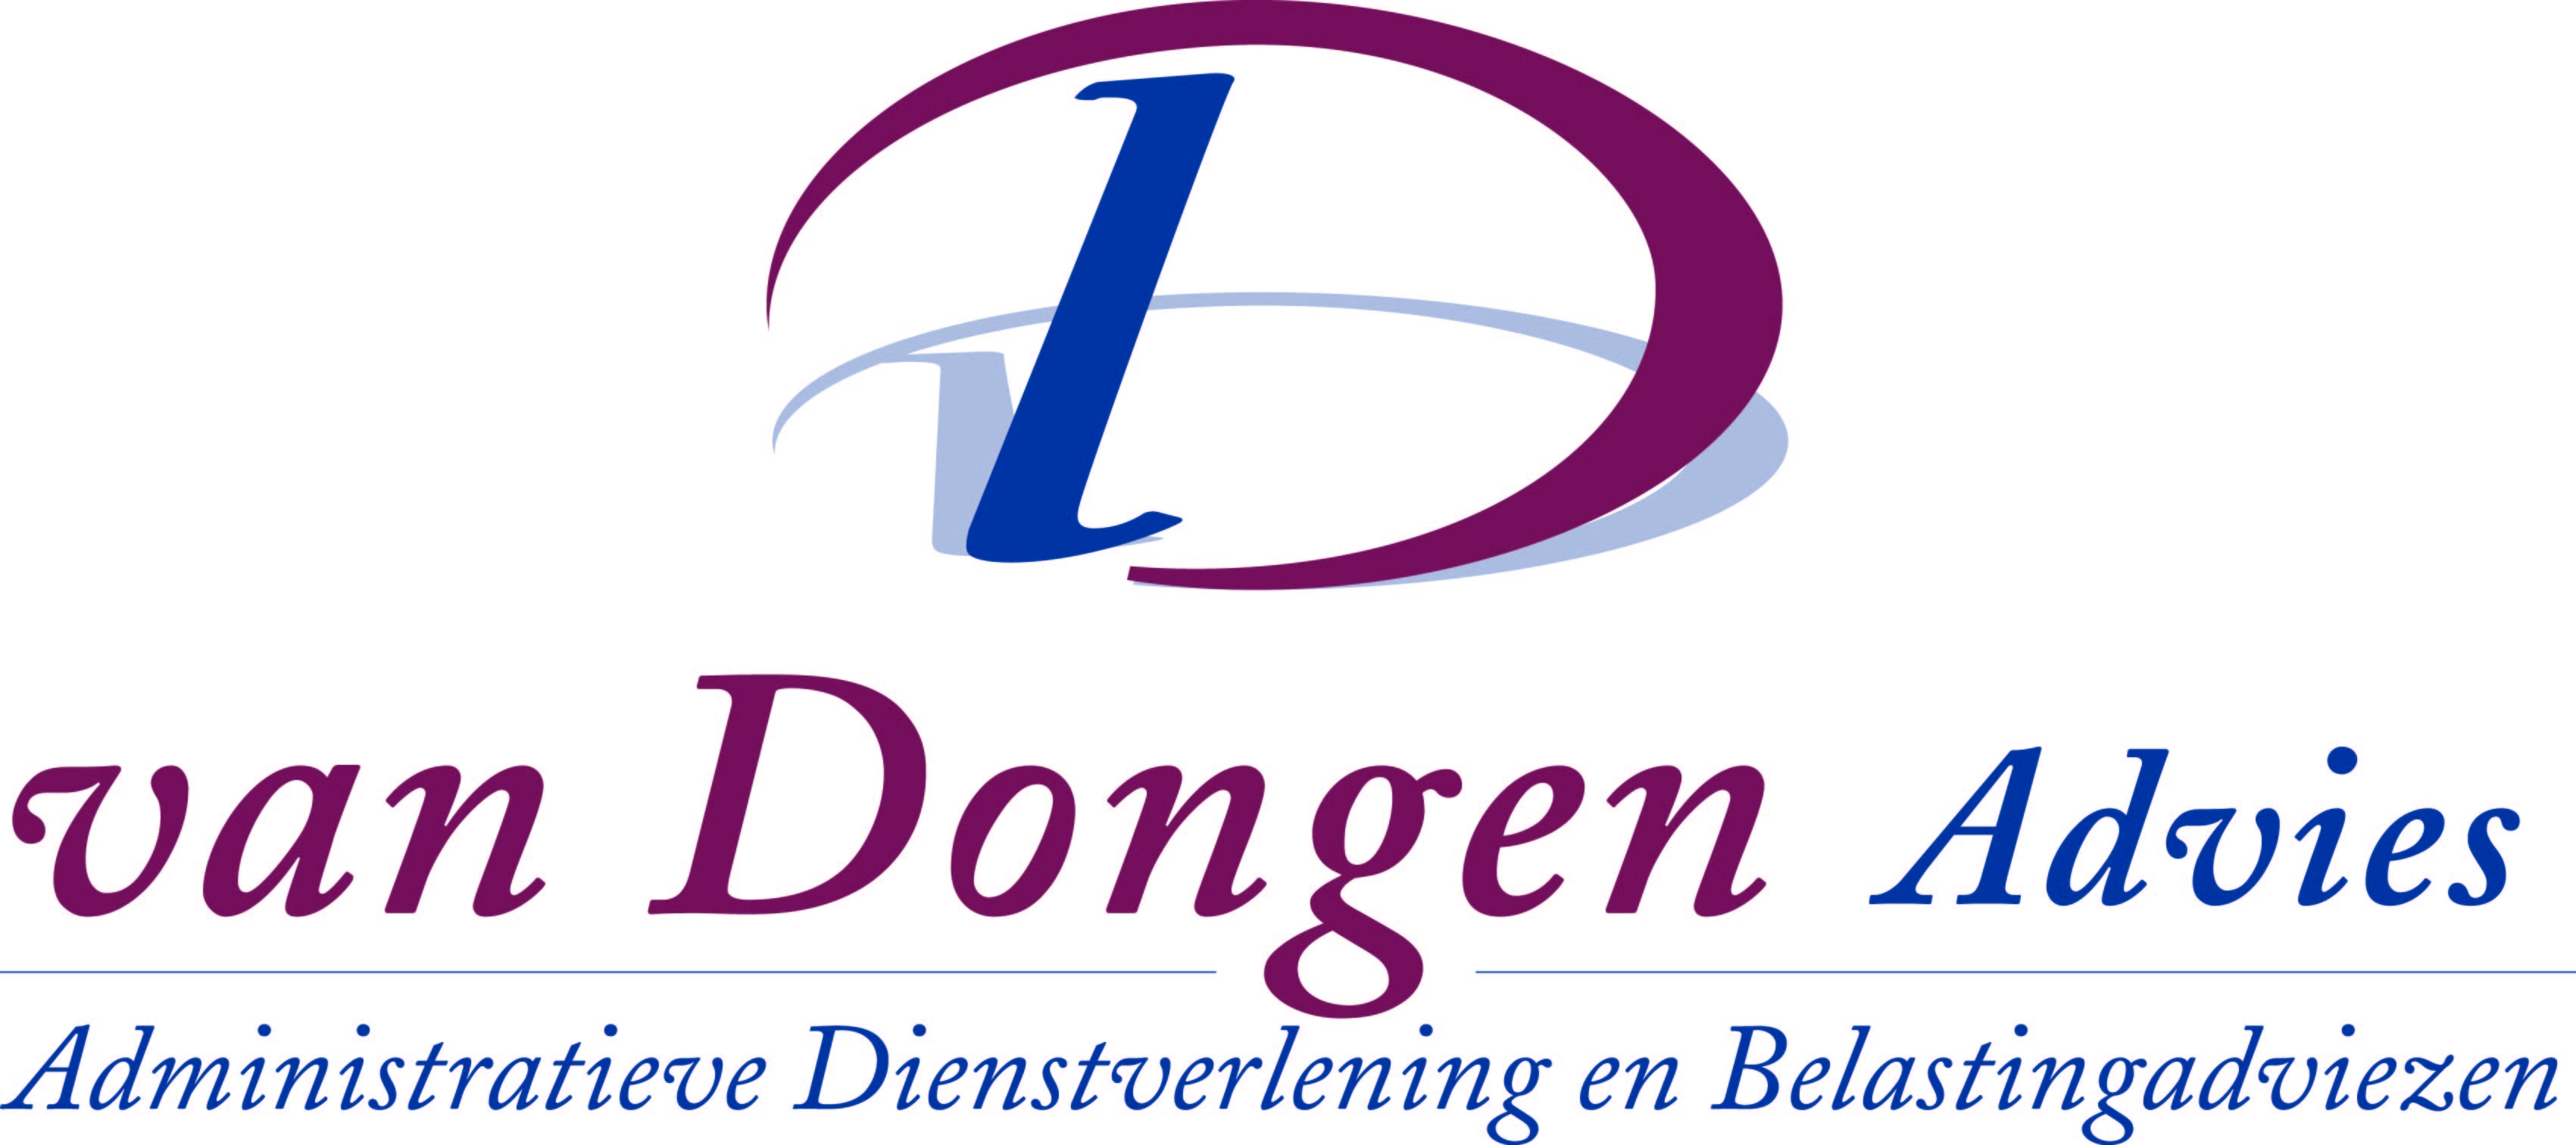 Van Dongen Advies